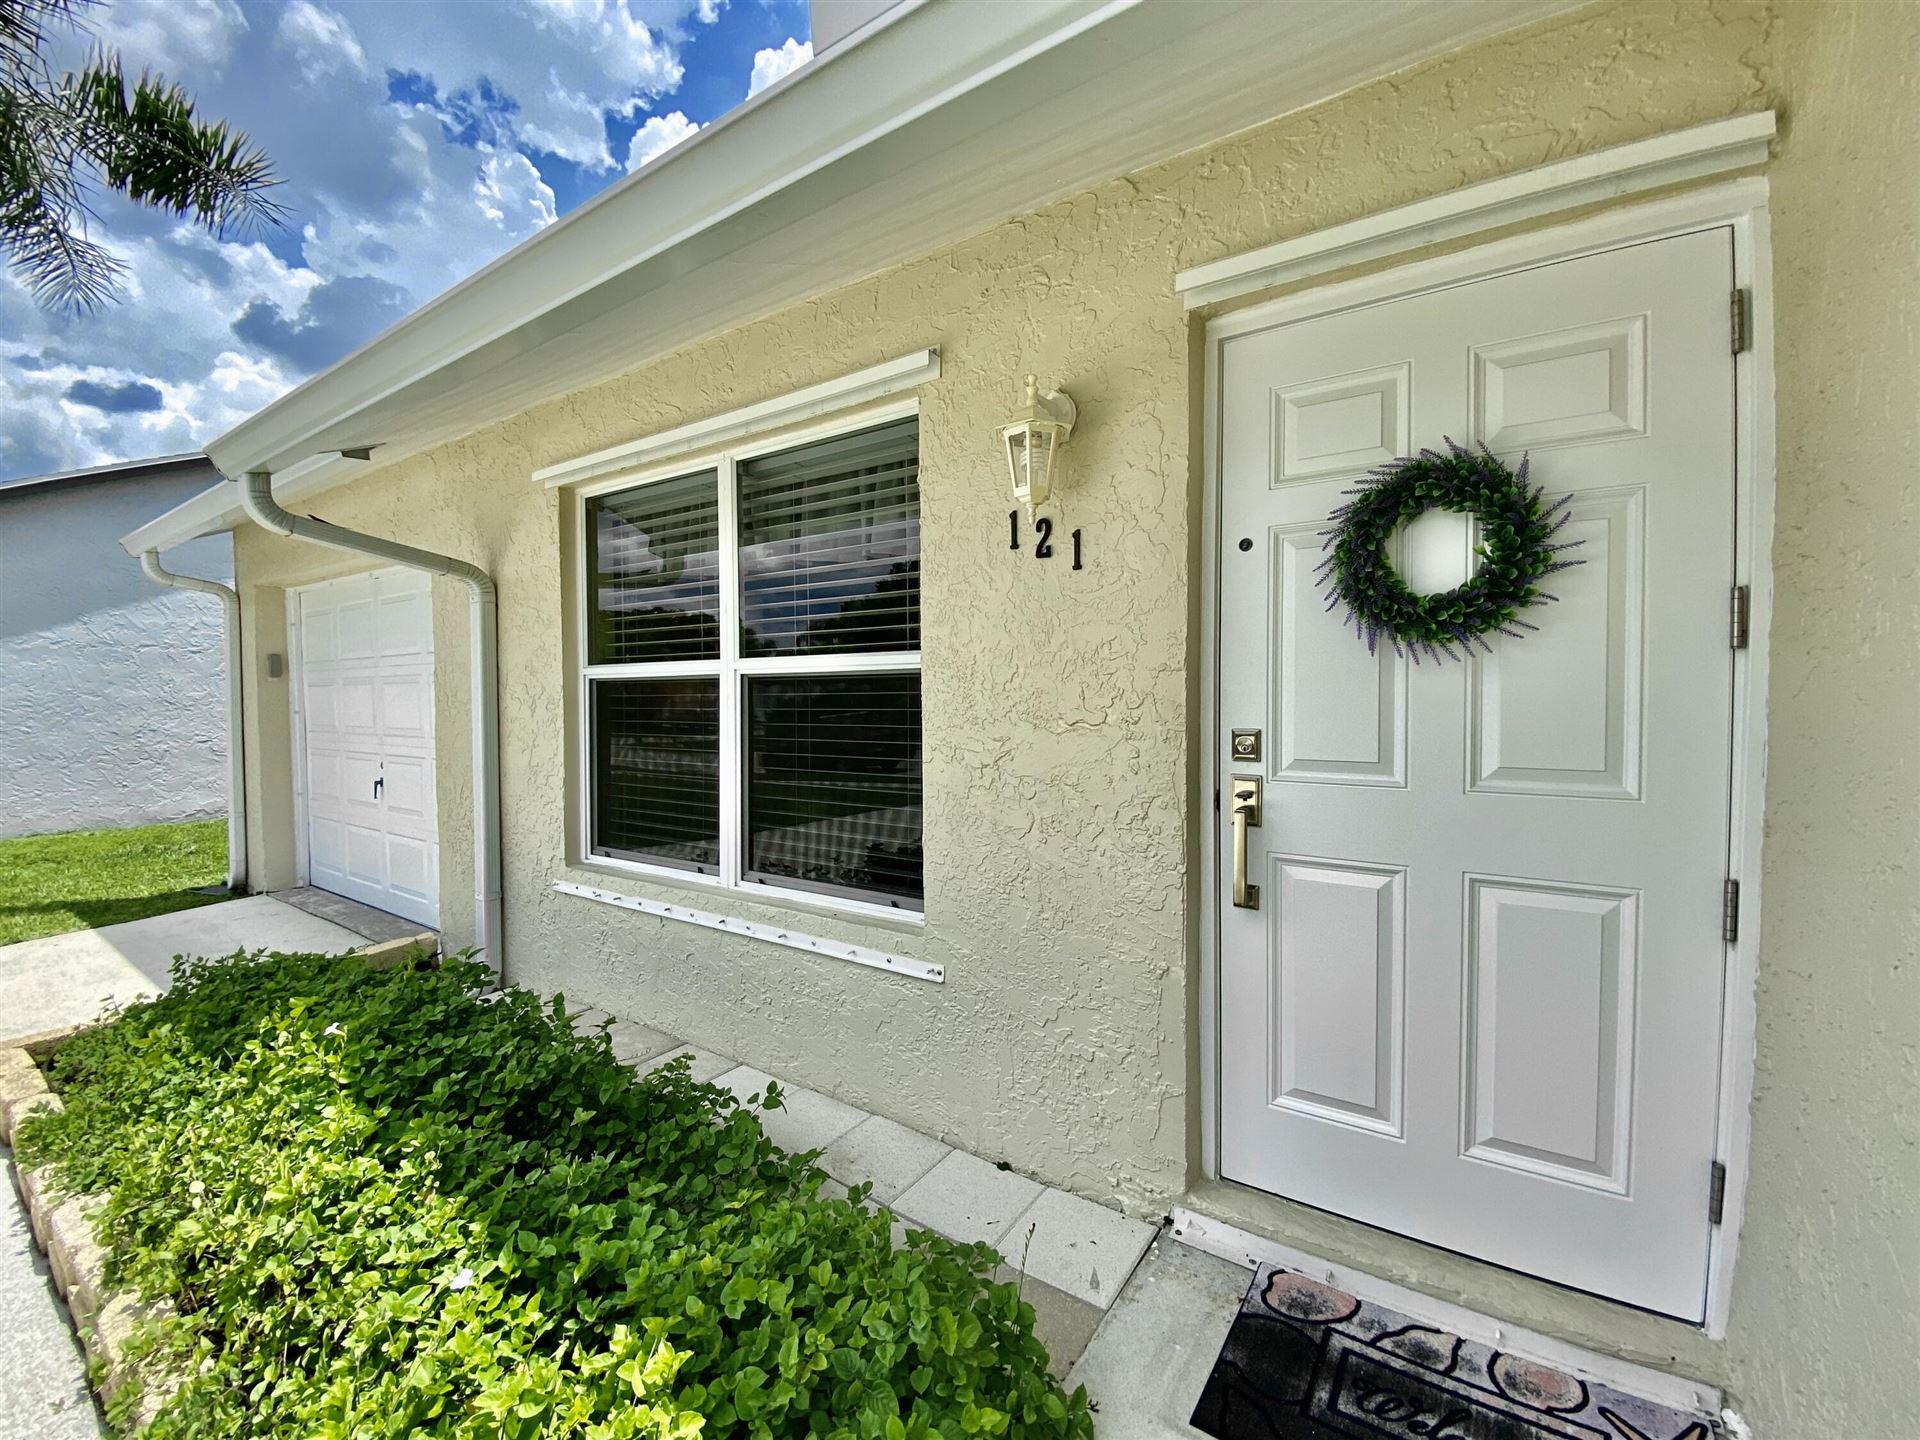 Photo of 121 Deerfield Drive, Jupiter, FL 33458 (MLS # RX-10733362)